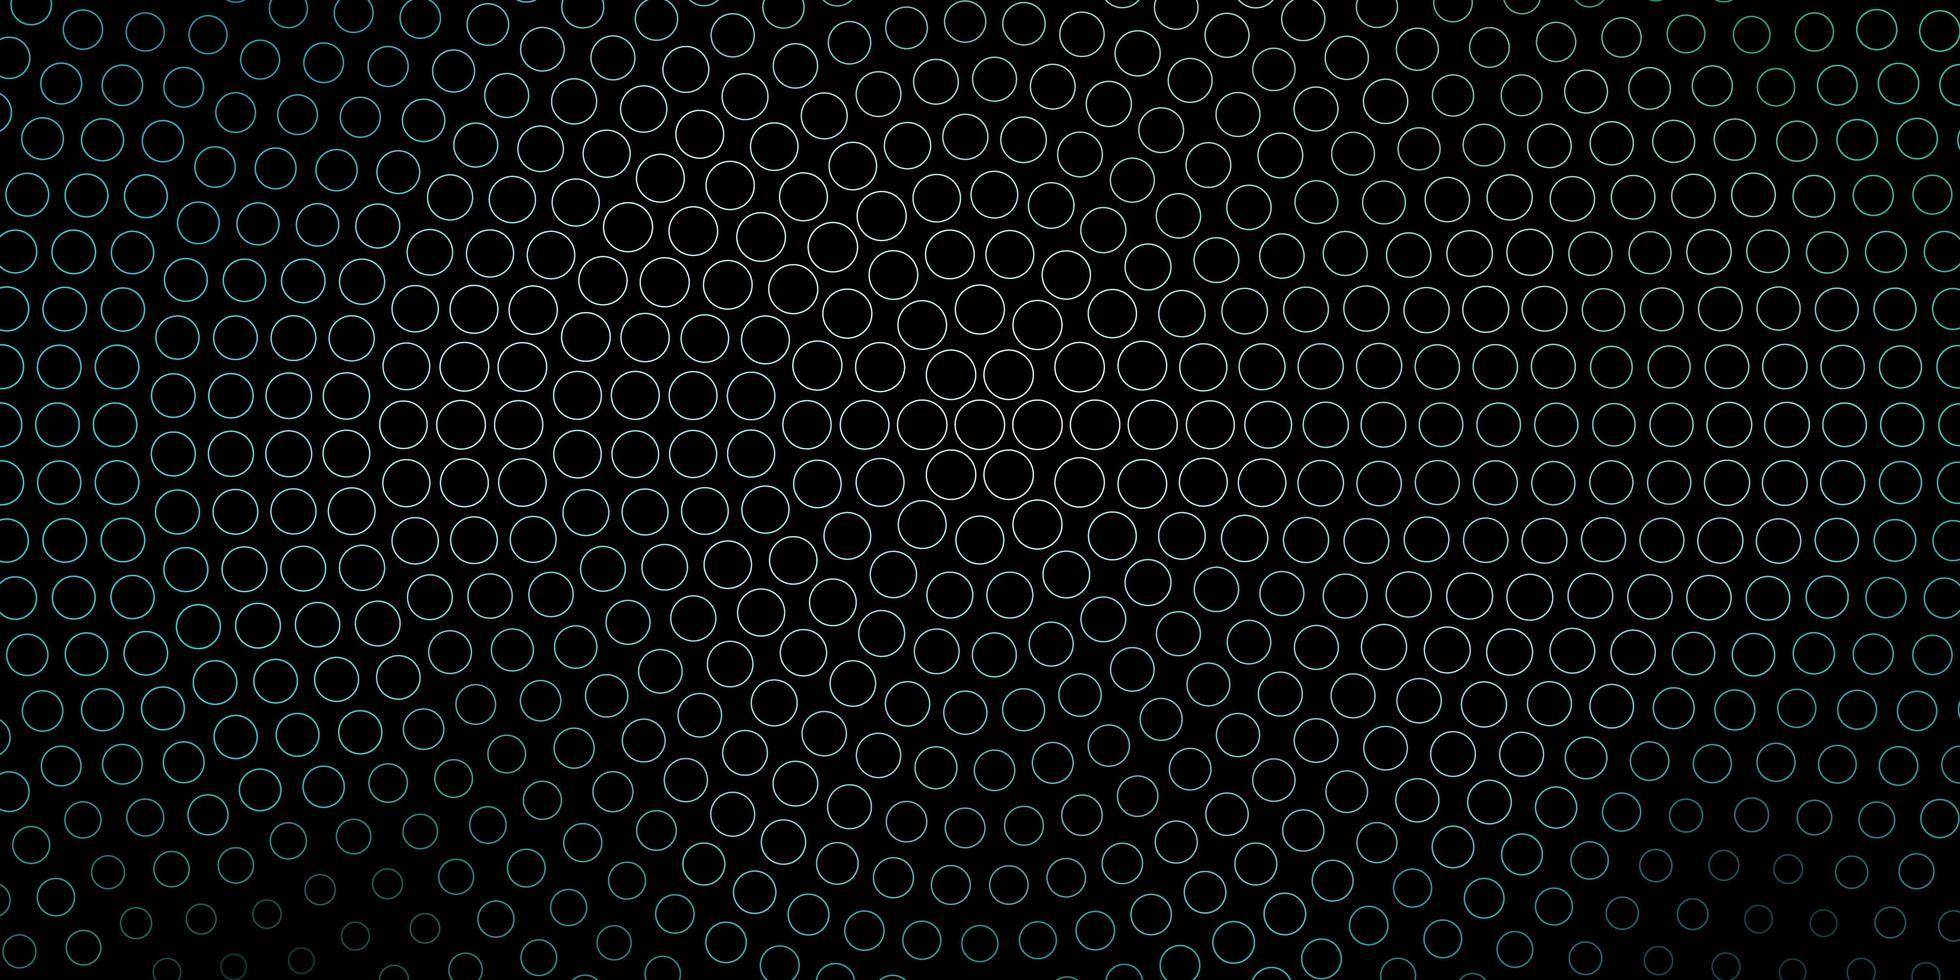 donkerblauw, groen vector sjabloon met cirkels.